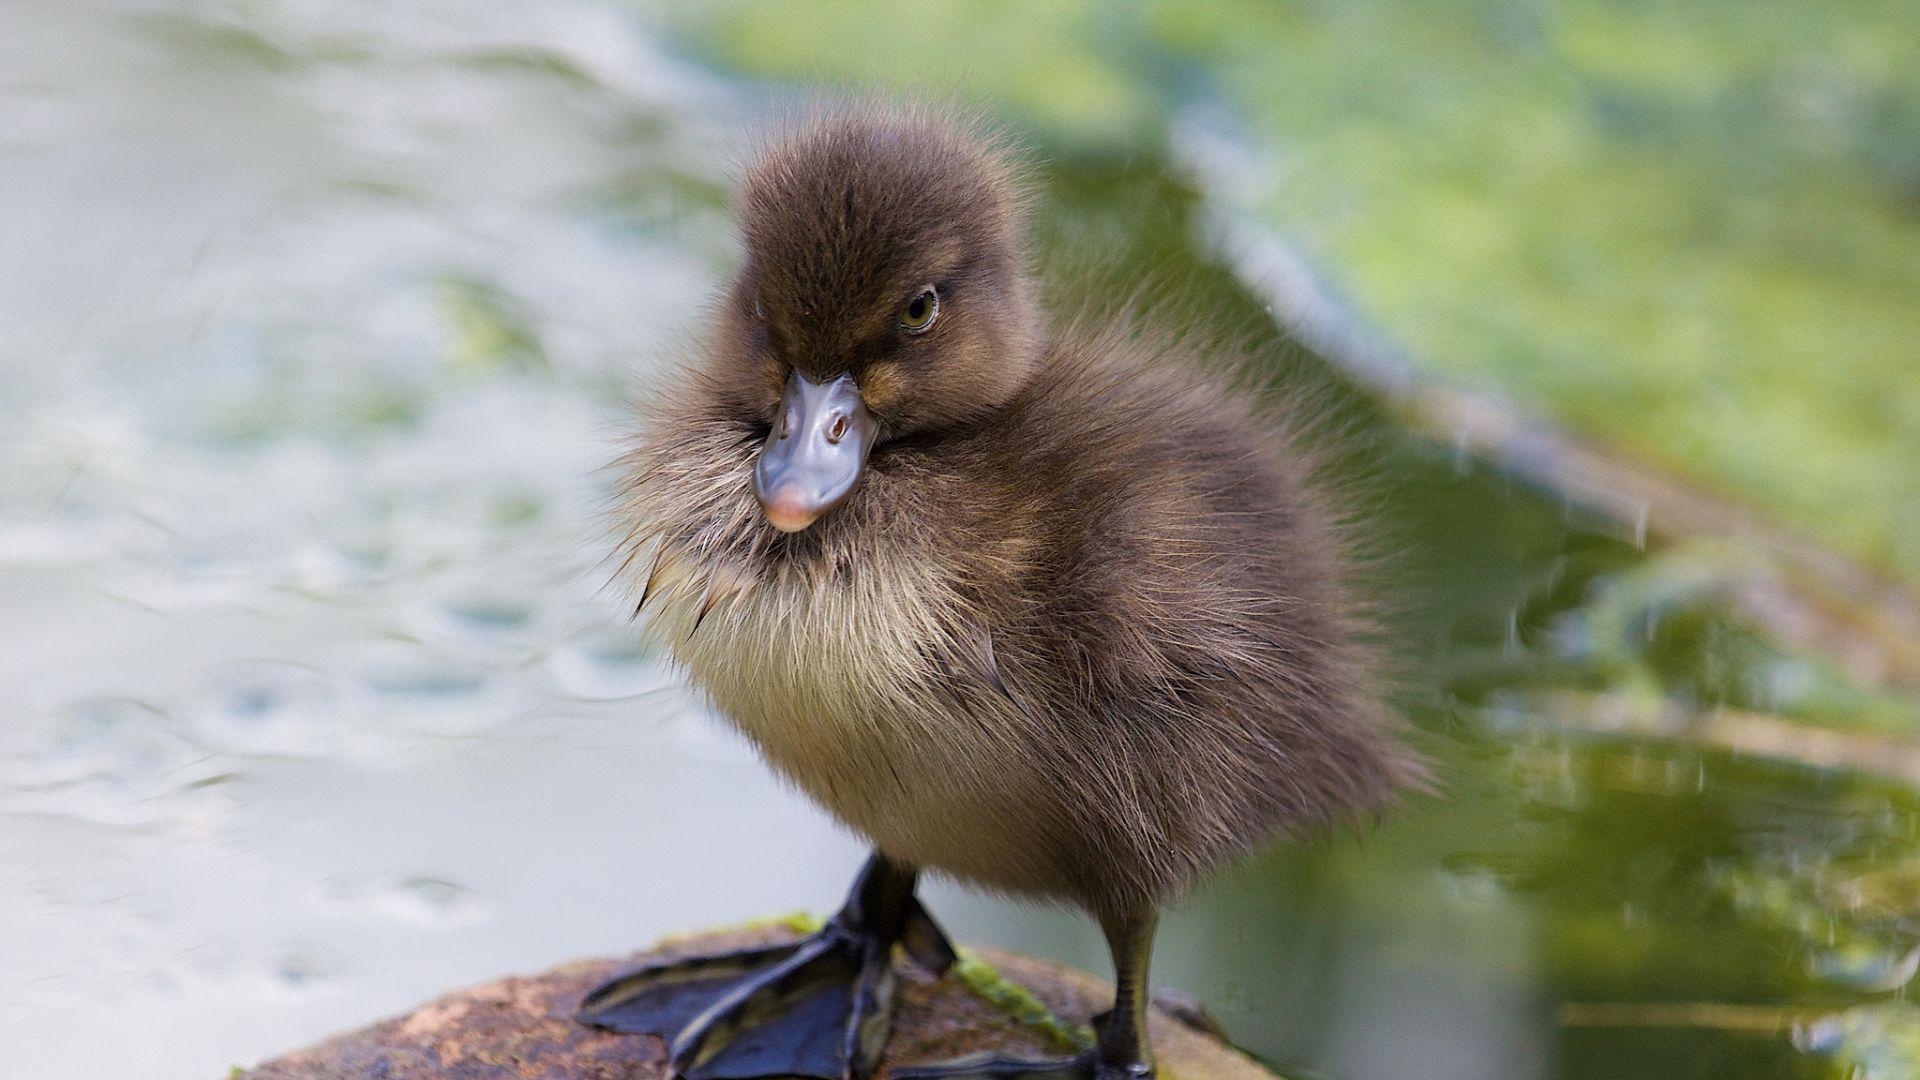 Chicks Ducklings